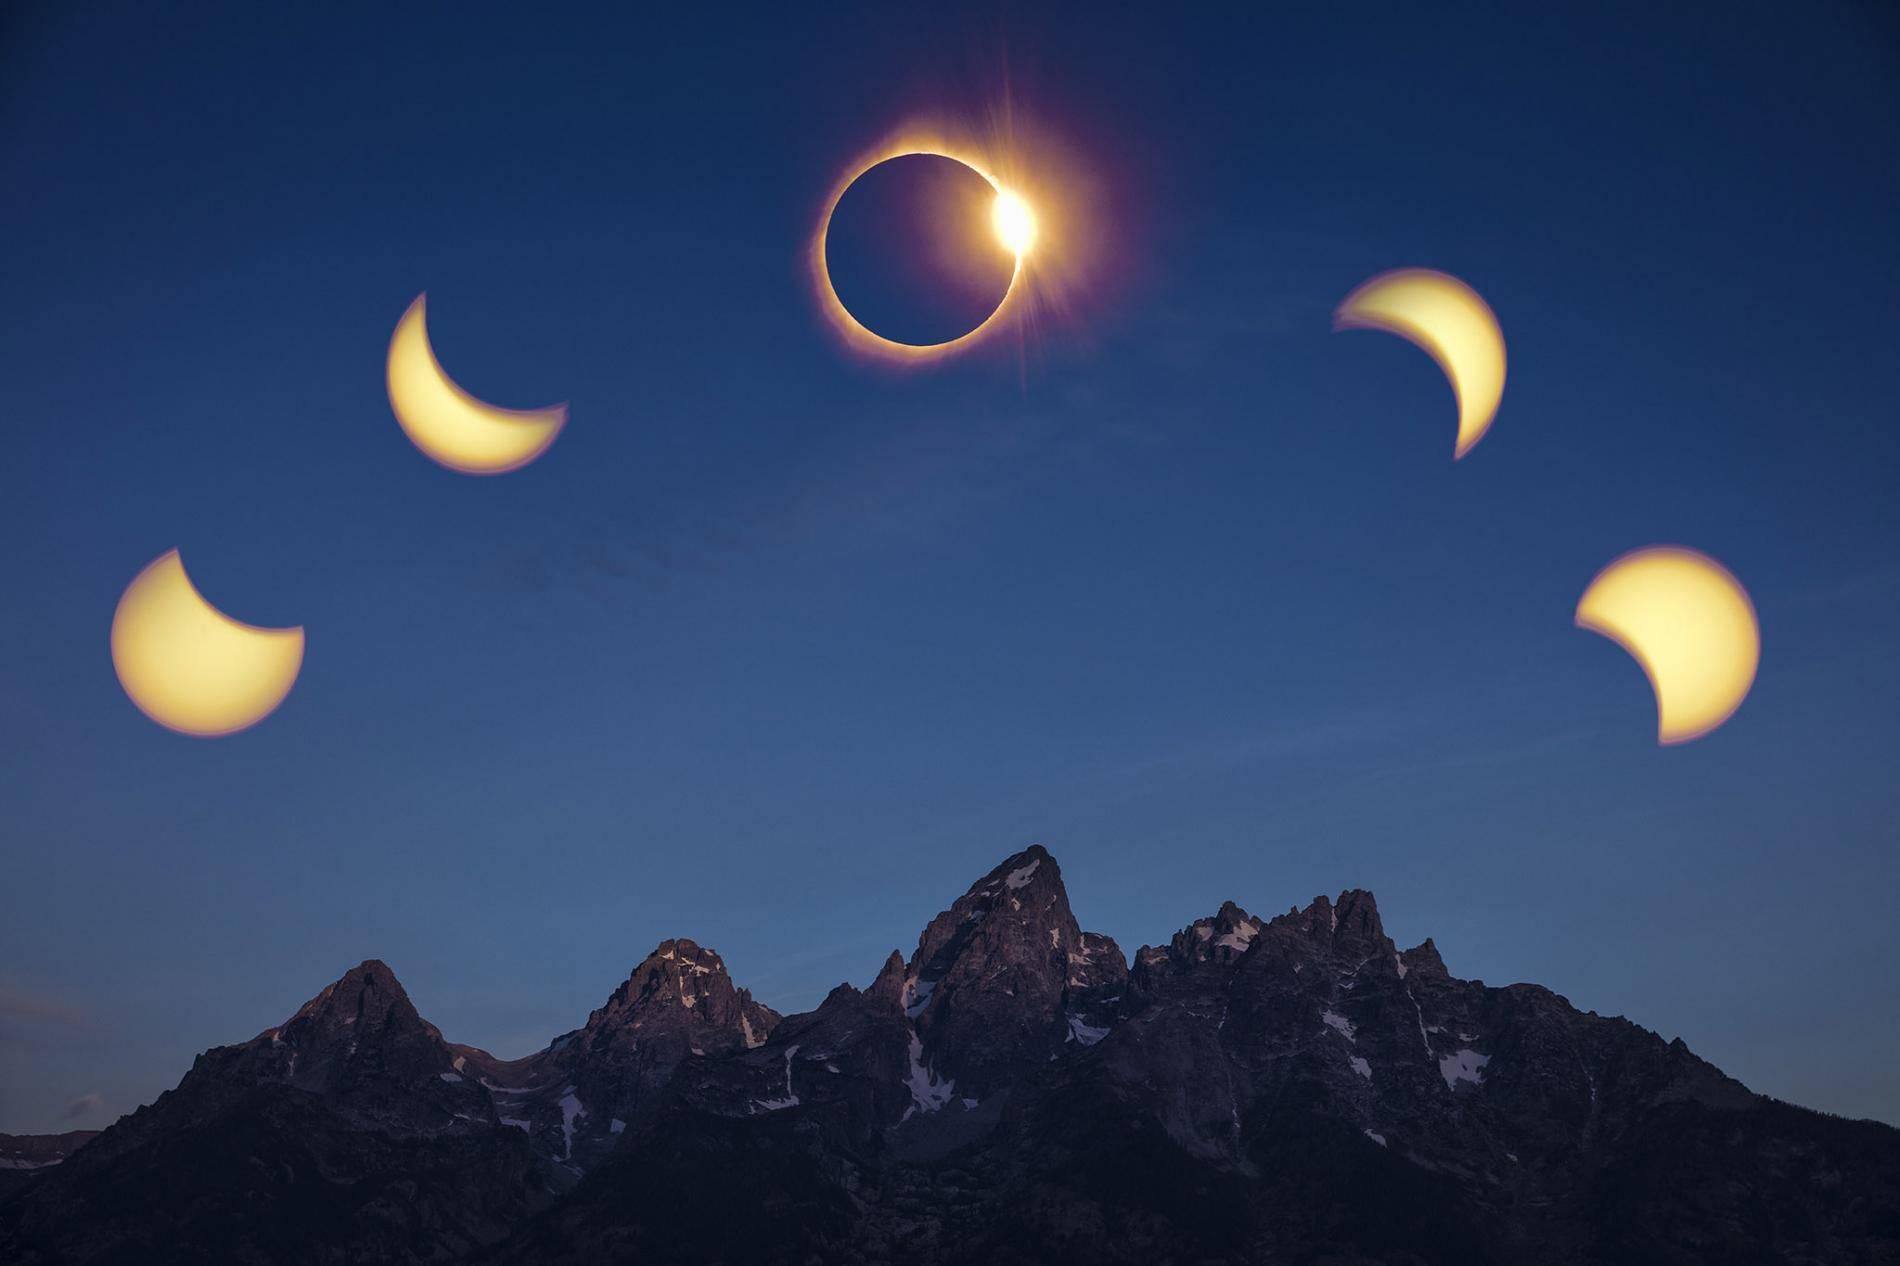 Conoce como los Mayas pudieron predecir eclipses hace miles de años